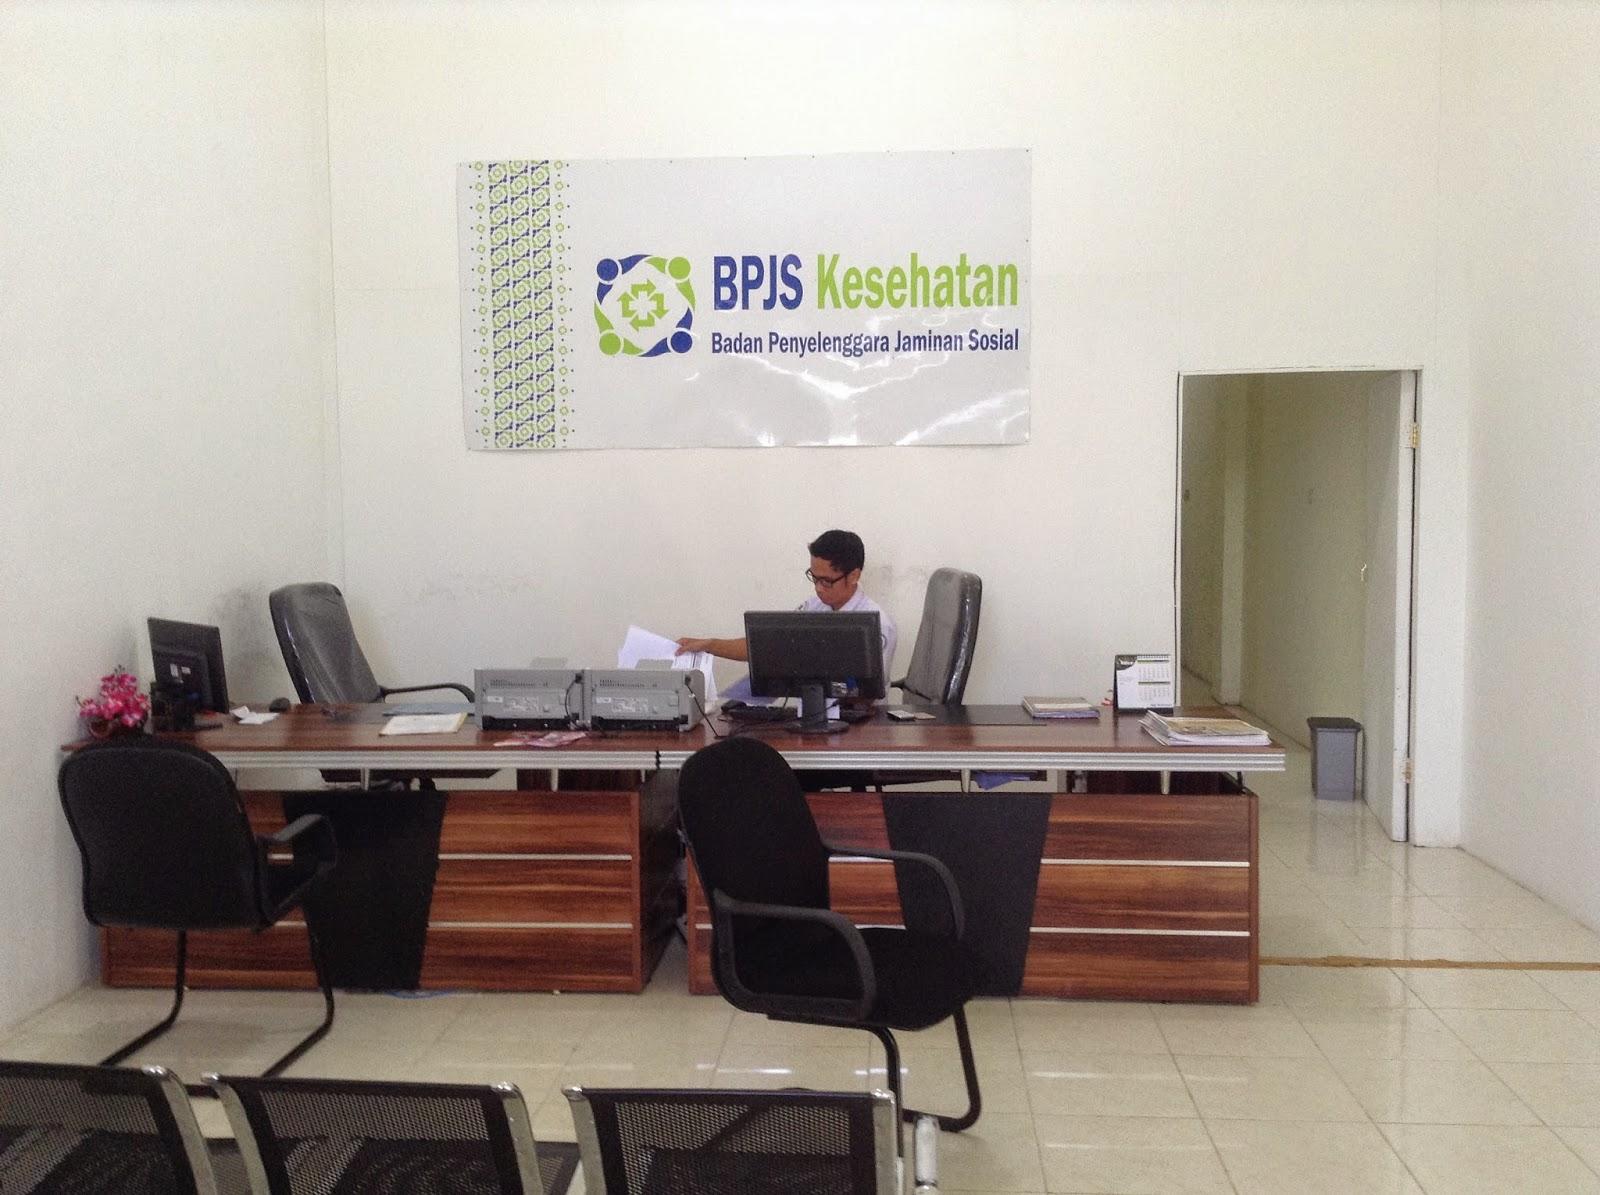 Kantor Layanan Operasional Bpjs Kesehatan Kabupaten Kapuas